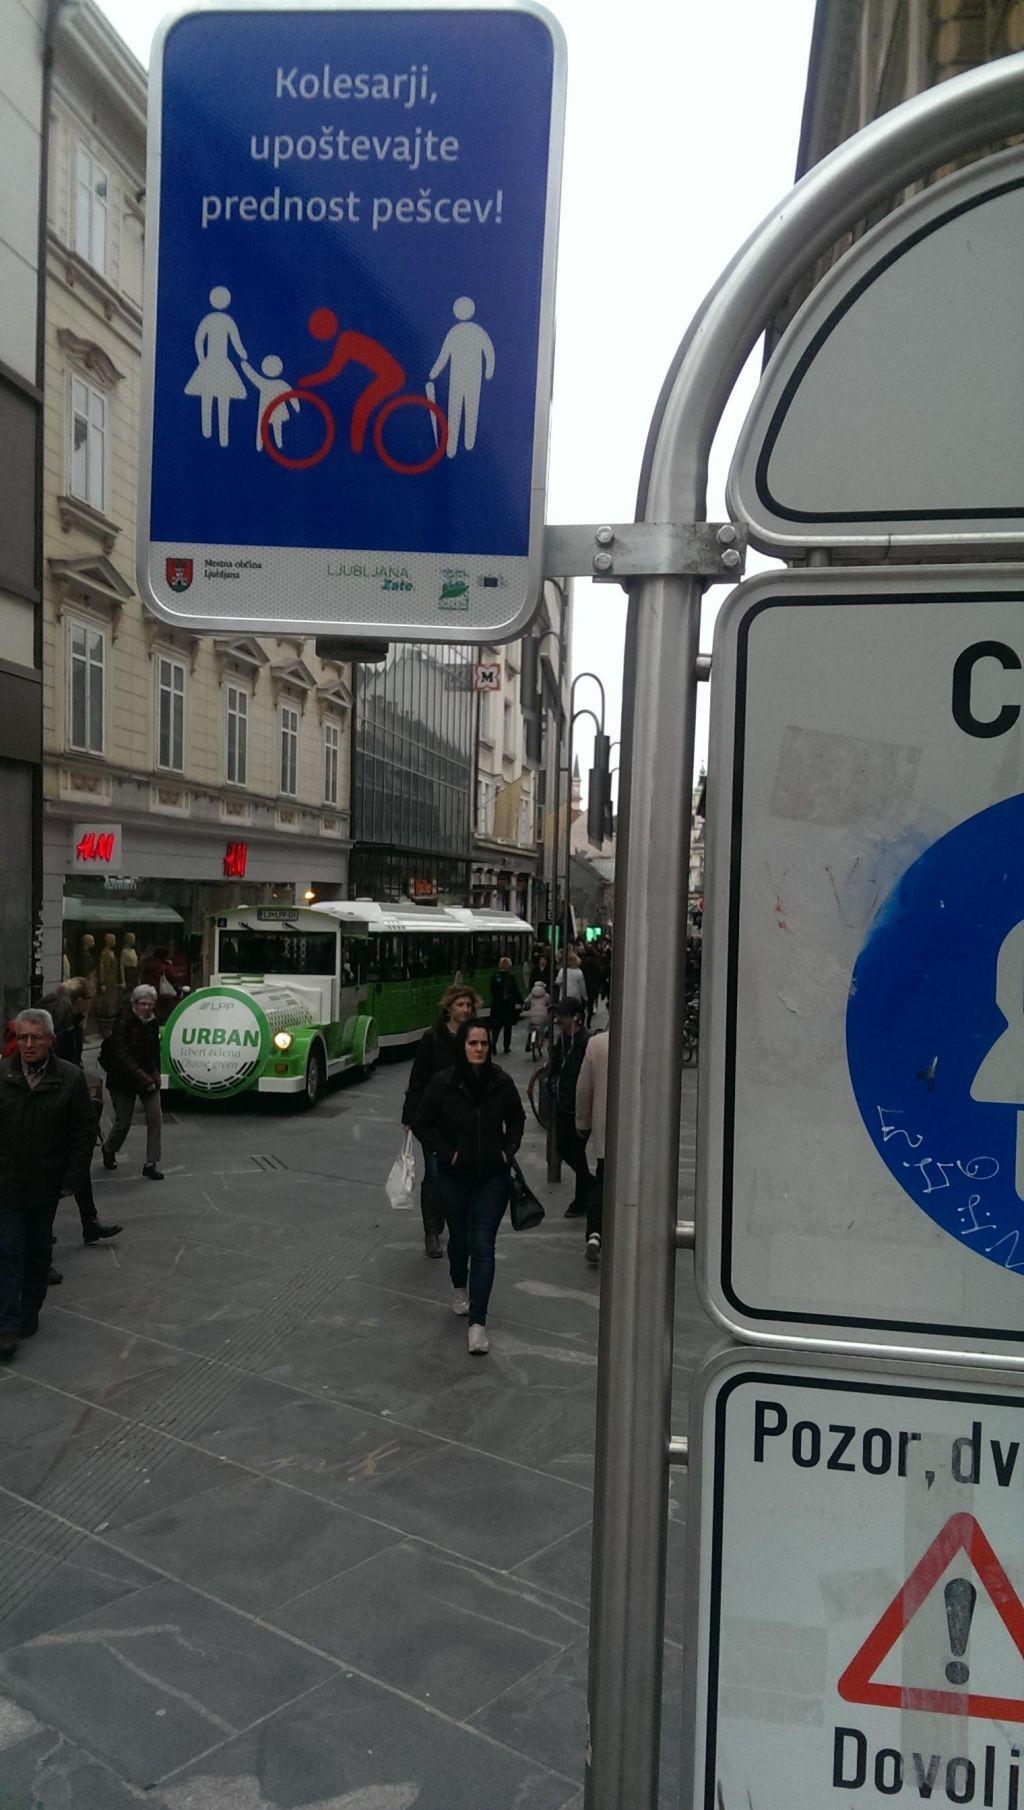 FOTO:Poziv ljubljanske občine: Kolesarji, upoštevajte prednost pešcev!